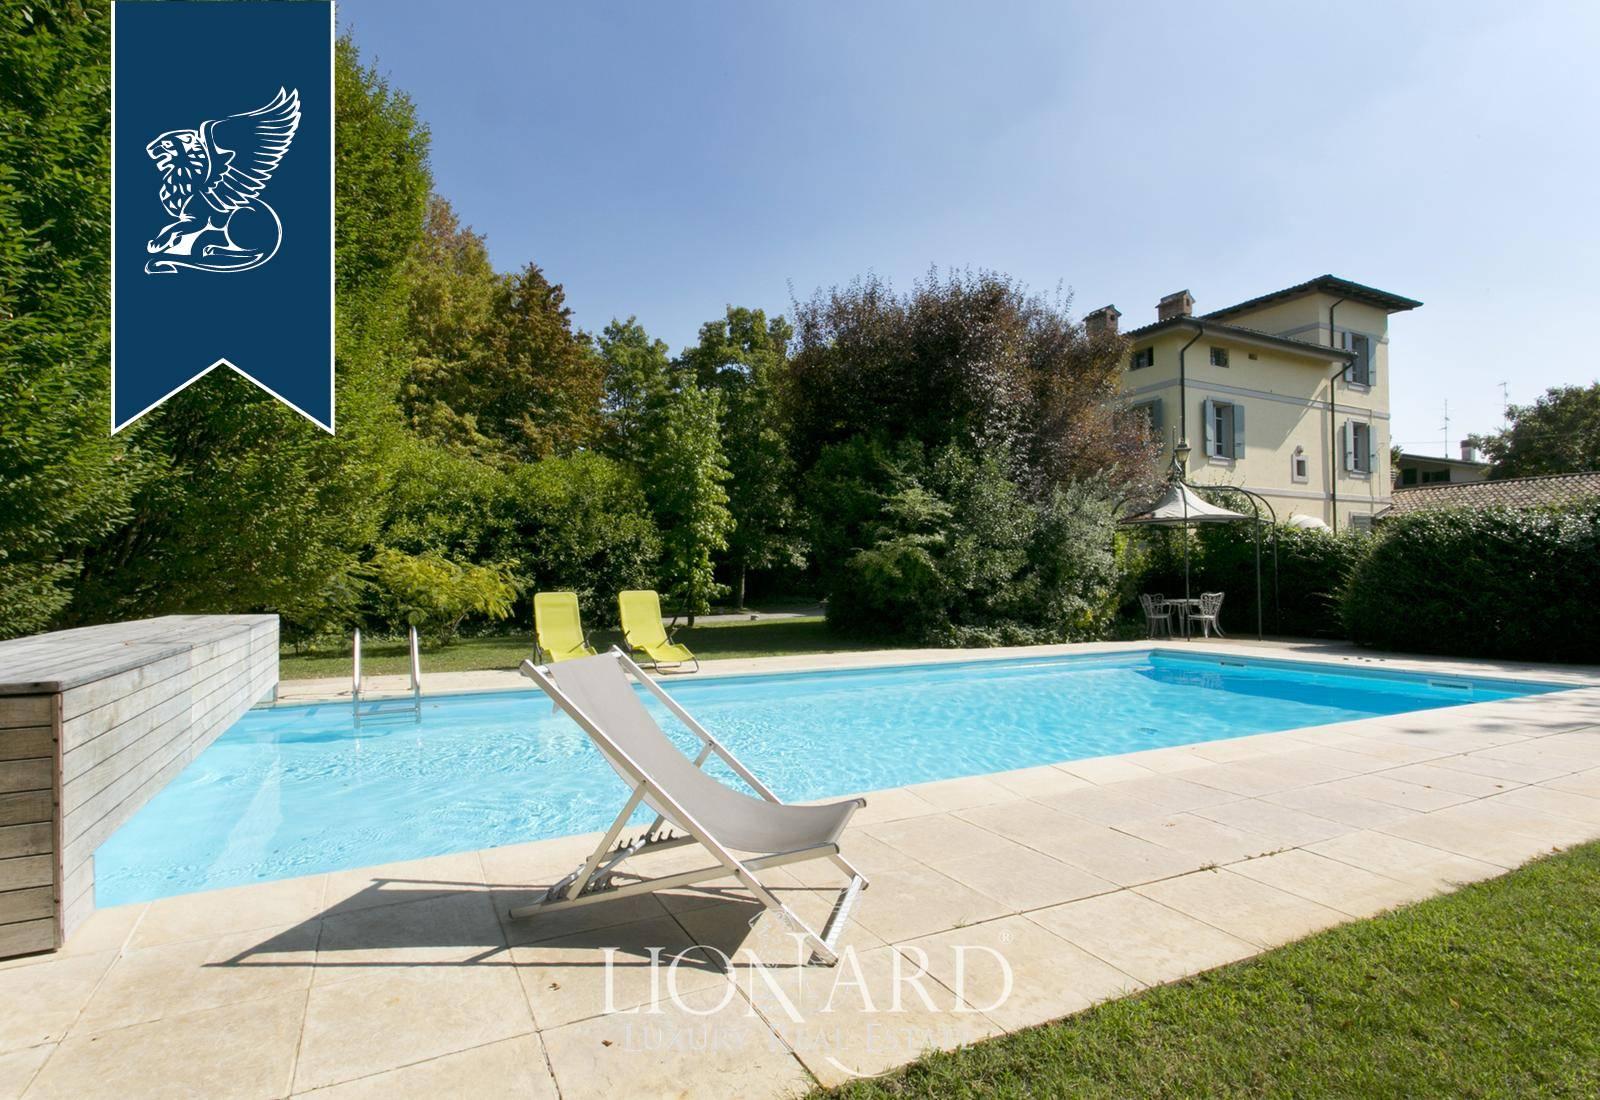 Villa in Vendita a Reggio Emilia: 0 locali, 700 mq - Foto 2